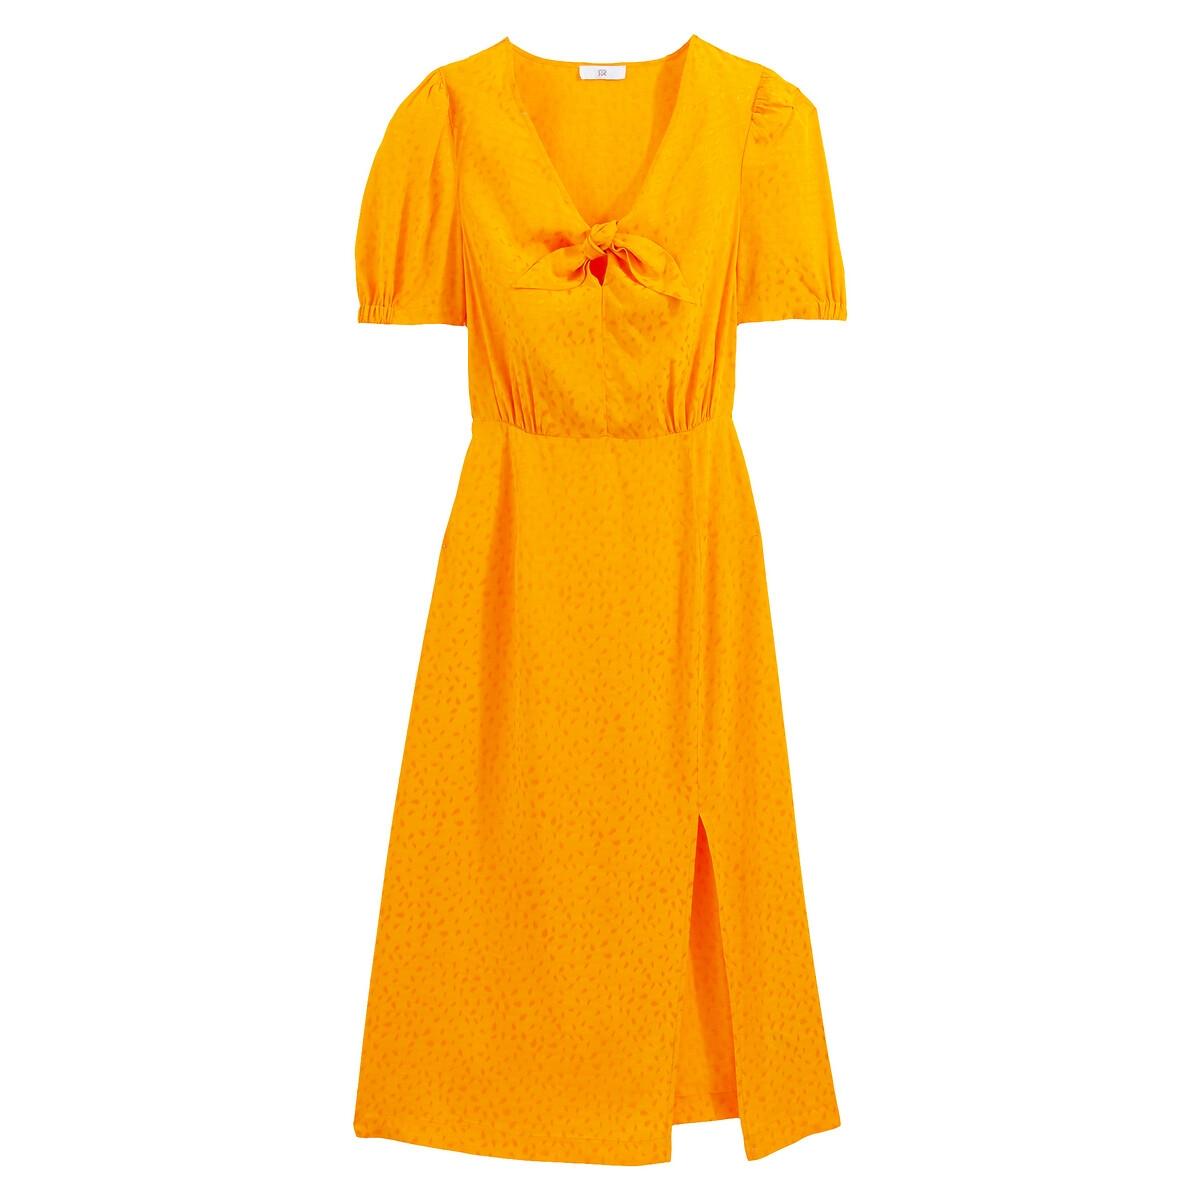 Vestido comprido de cerimónia, em tecido jacquard acetinado